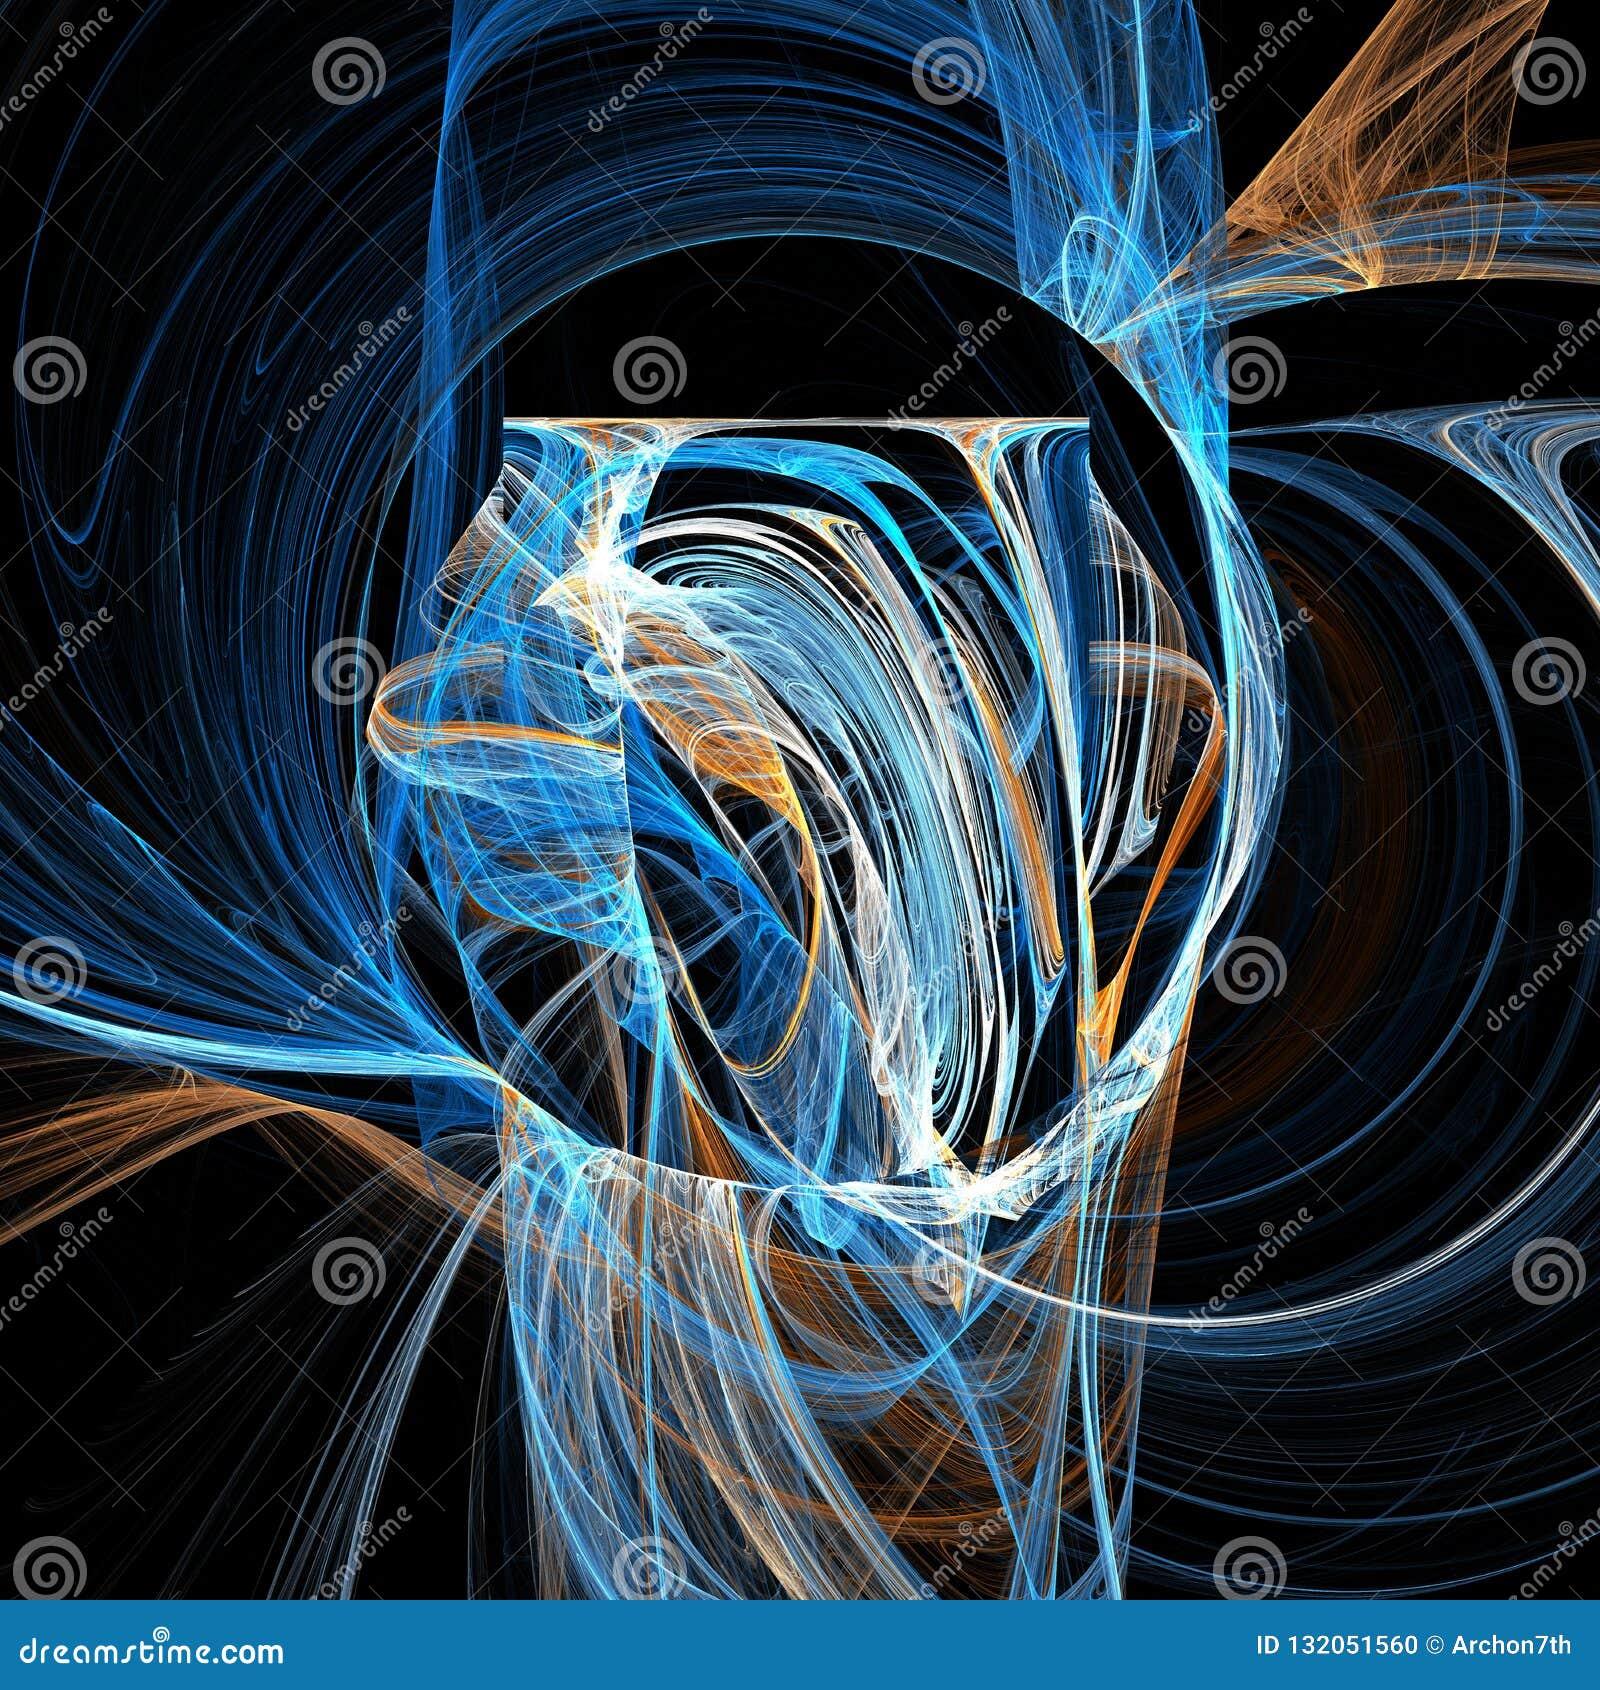 Arte digital do fractal futurista claro azul das curvas das nuvens da hélice da vertigem da mistura